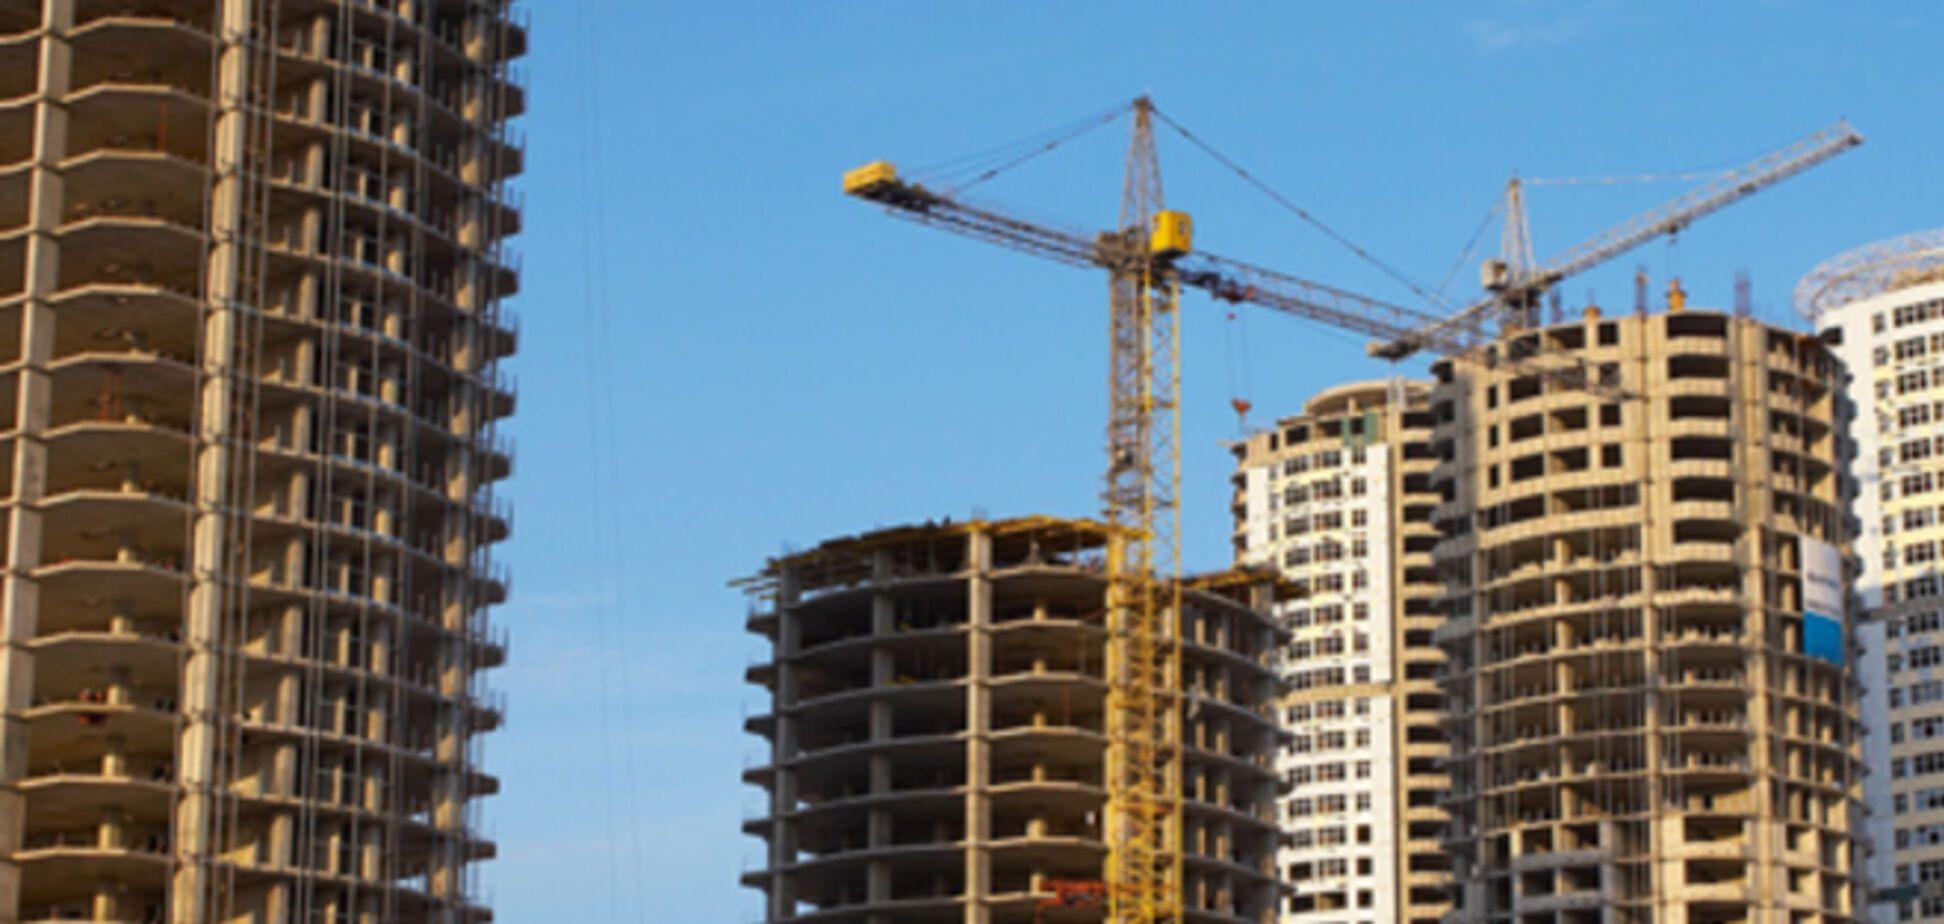 Рынок недвижимости Украины под угрозой, может 'взорваться бомба' - эксперт